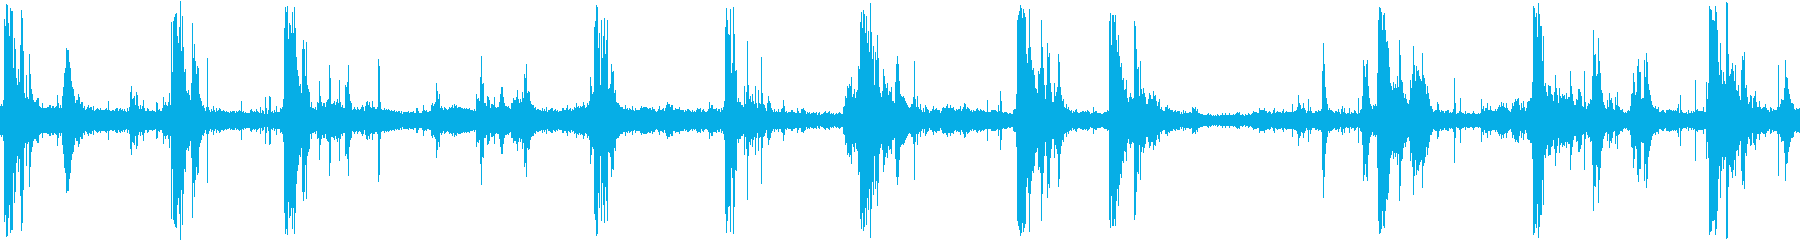 雷のサンプリングの再生済みの波形